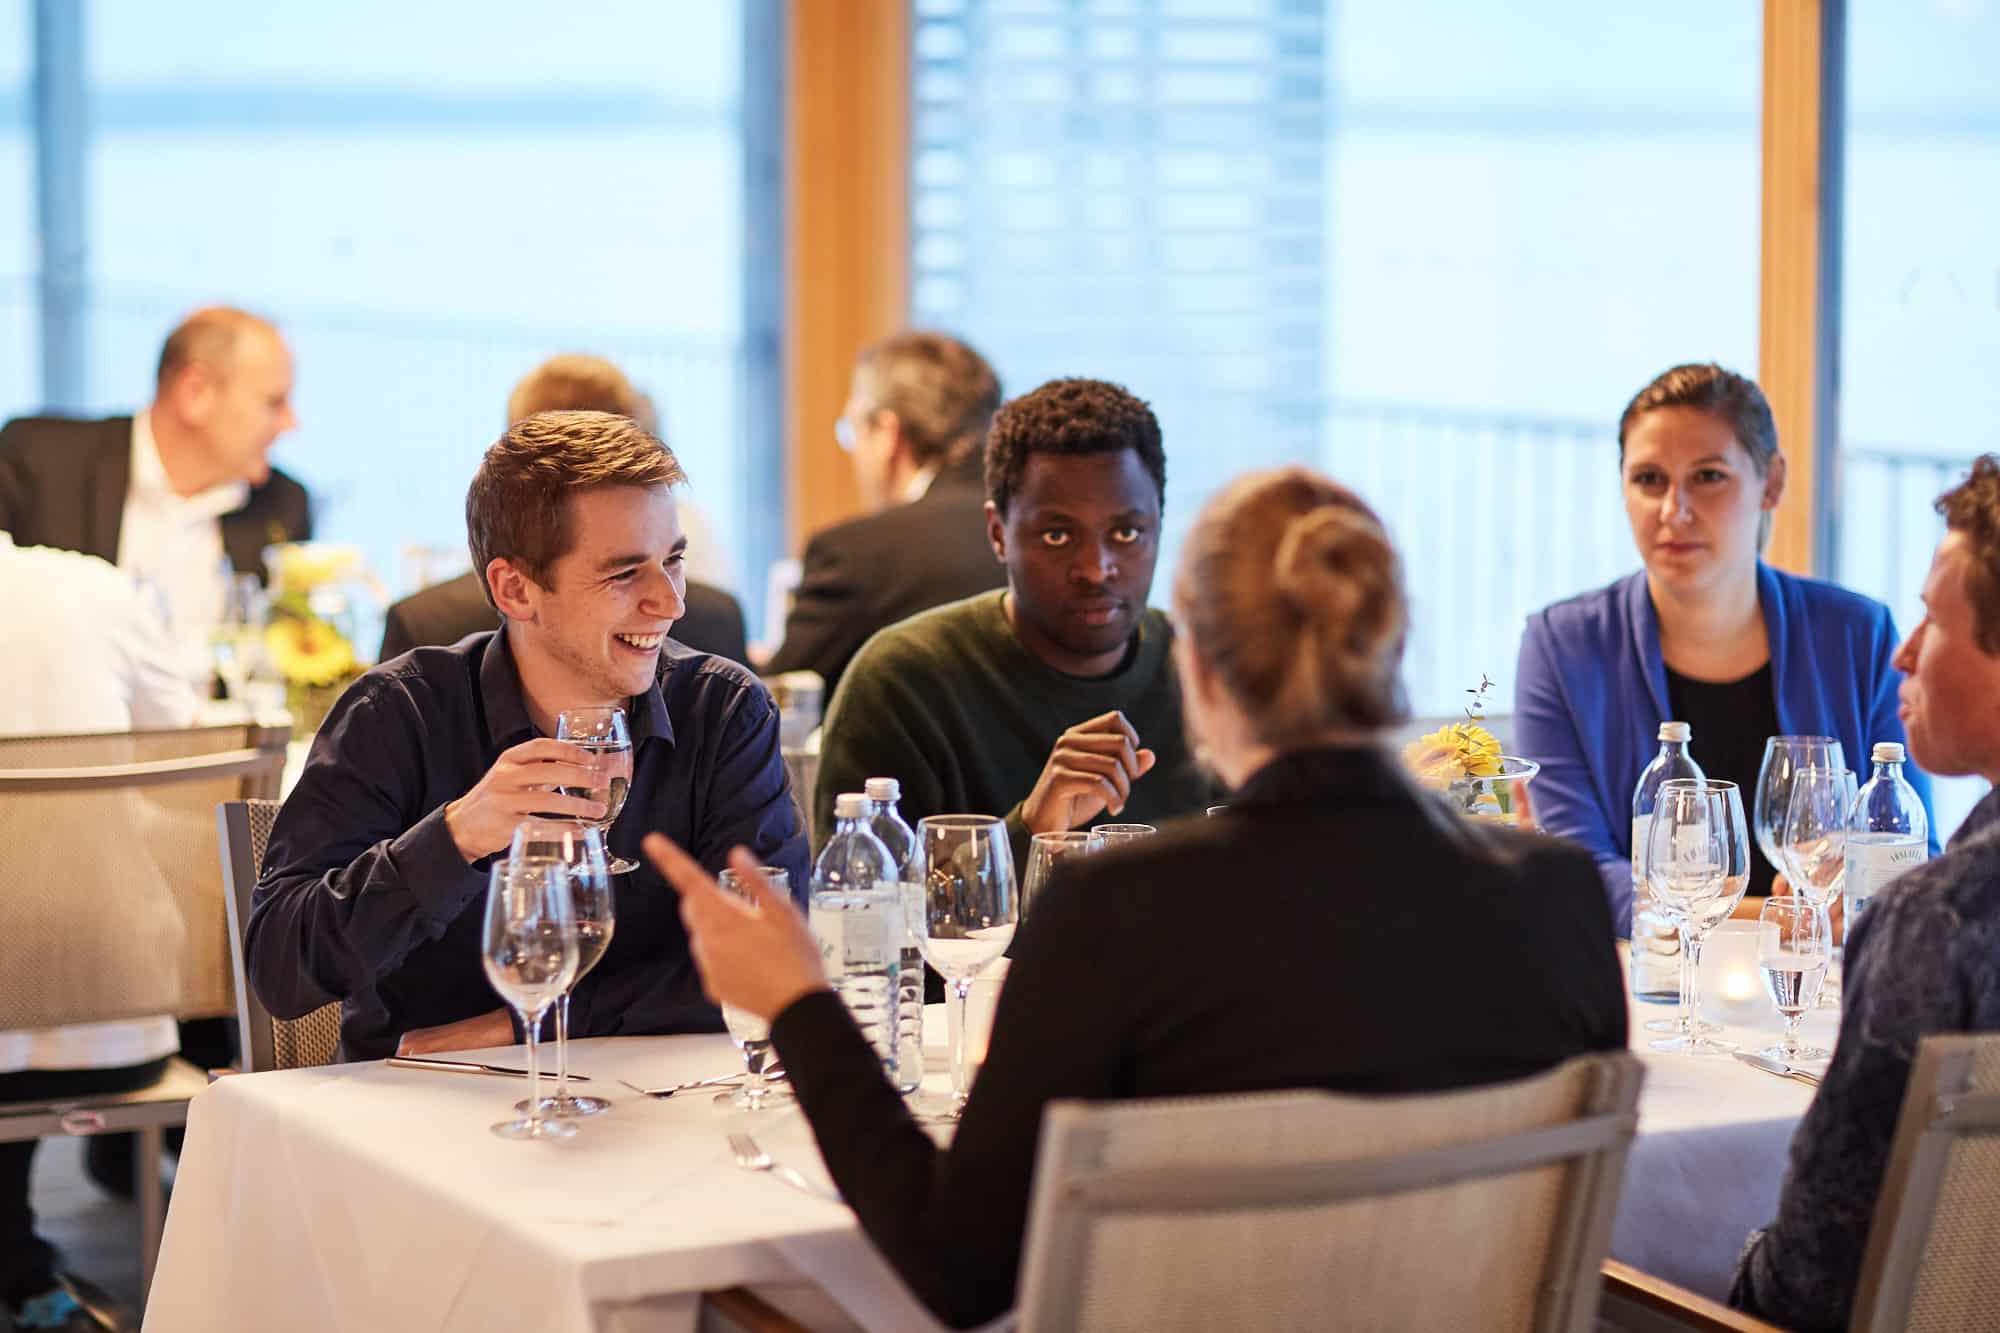 Impressionen von der Preisverleihung des 12. TANNER-Hochschulwettbewerbs